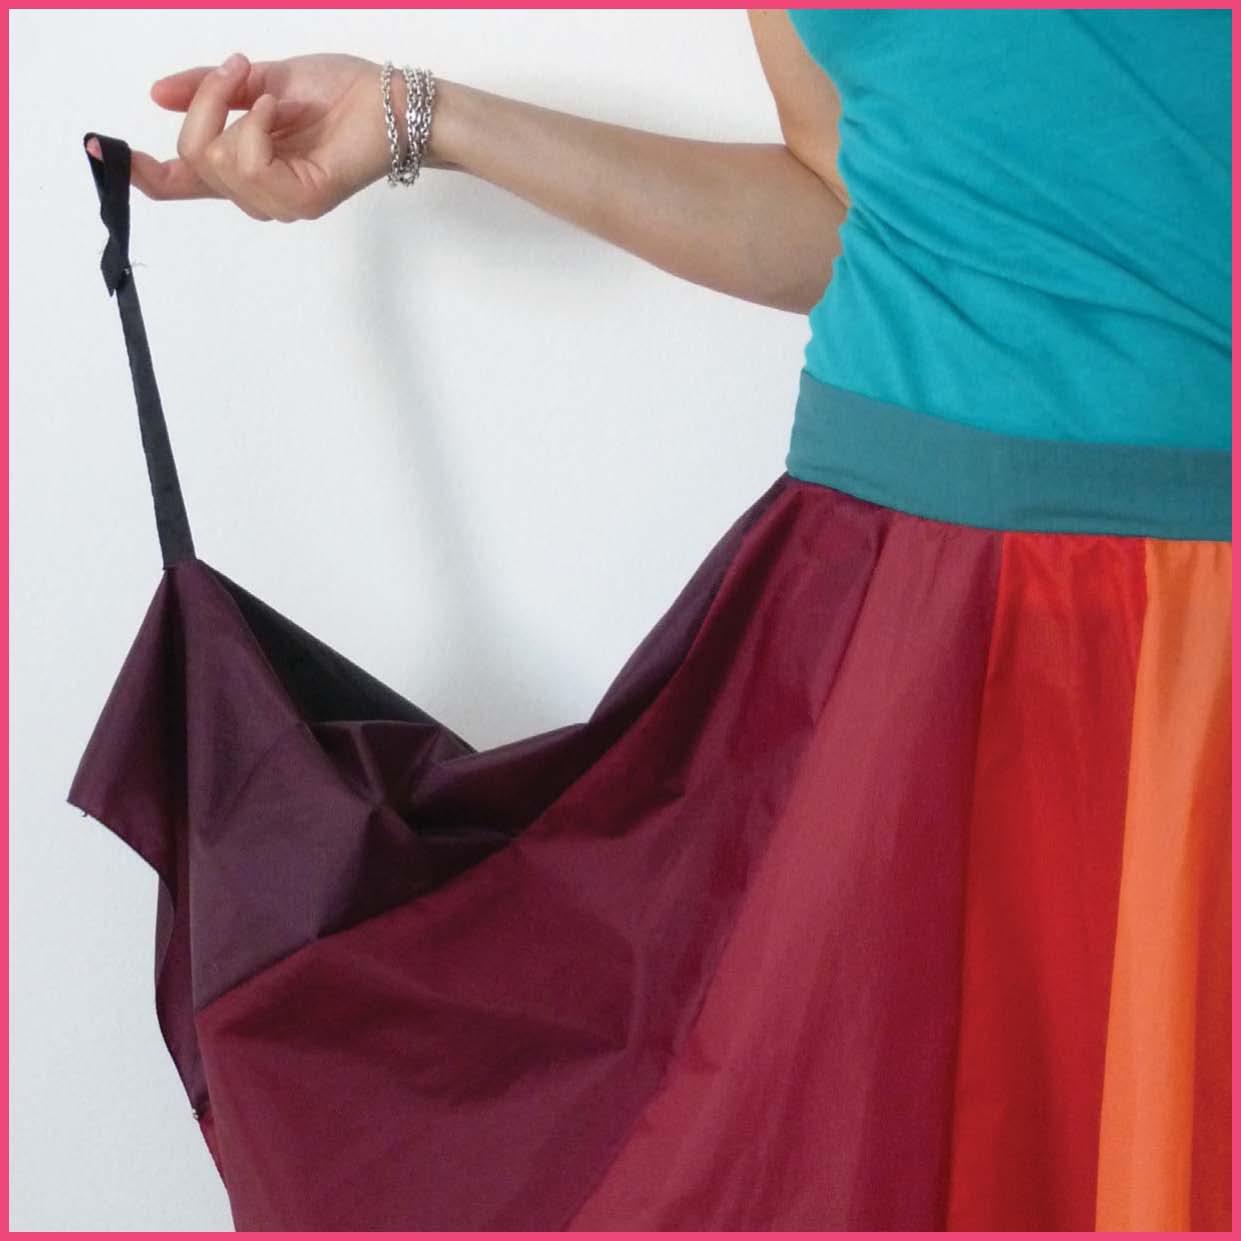 Как сделать юбку из зонтика своими руками